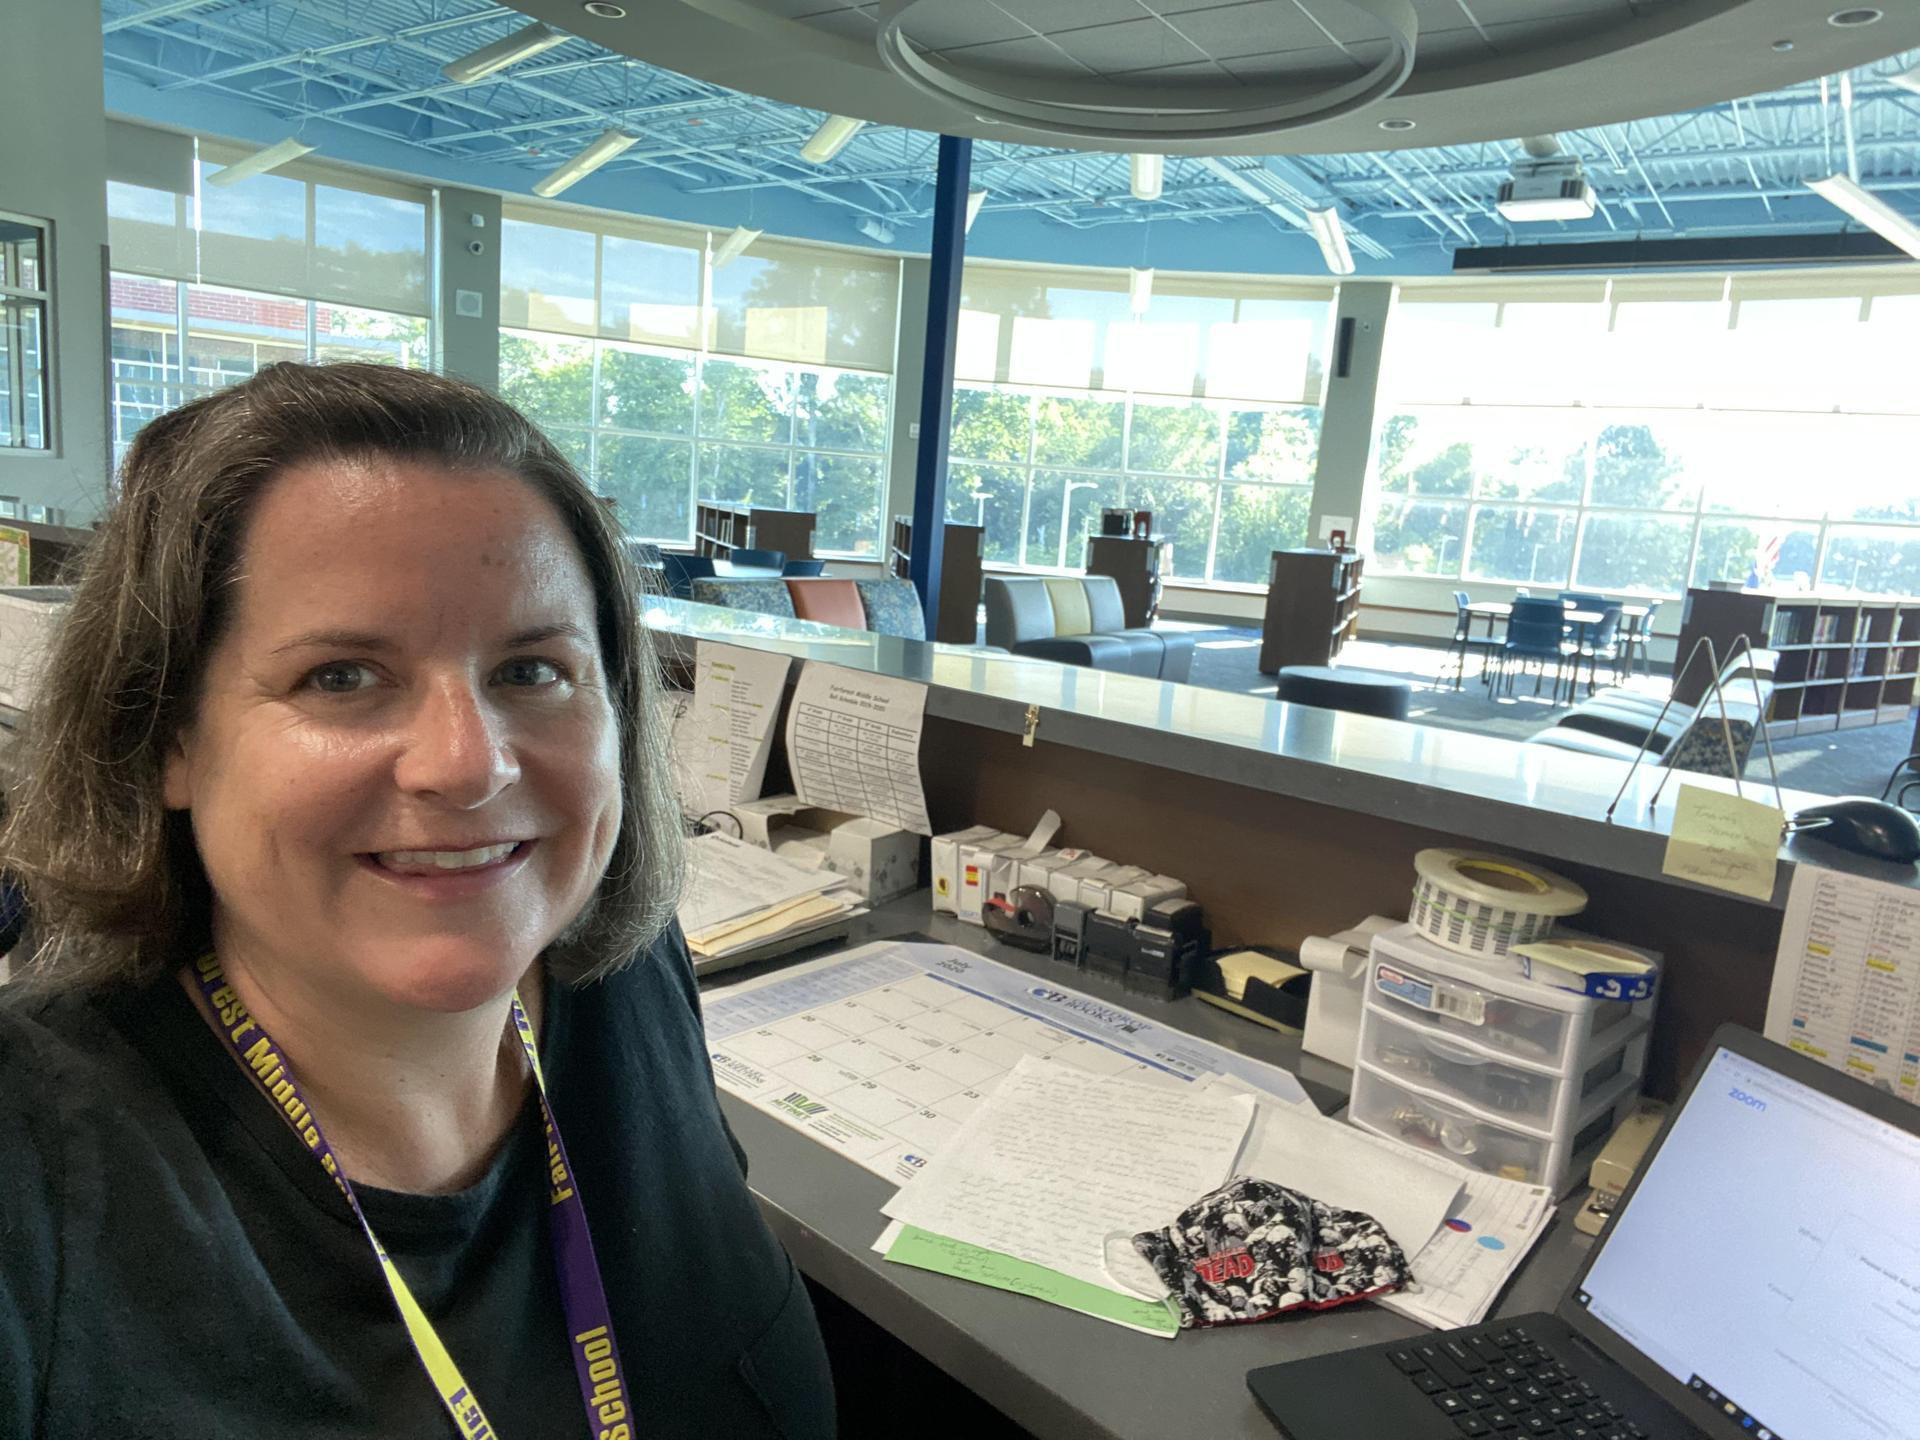 Mrs. Scott a librarian's desk